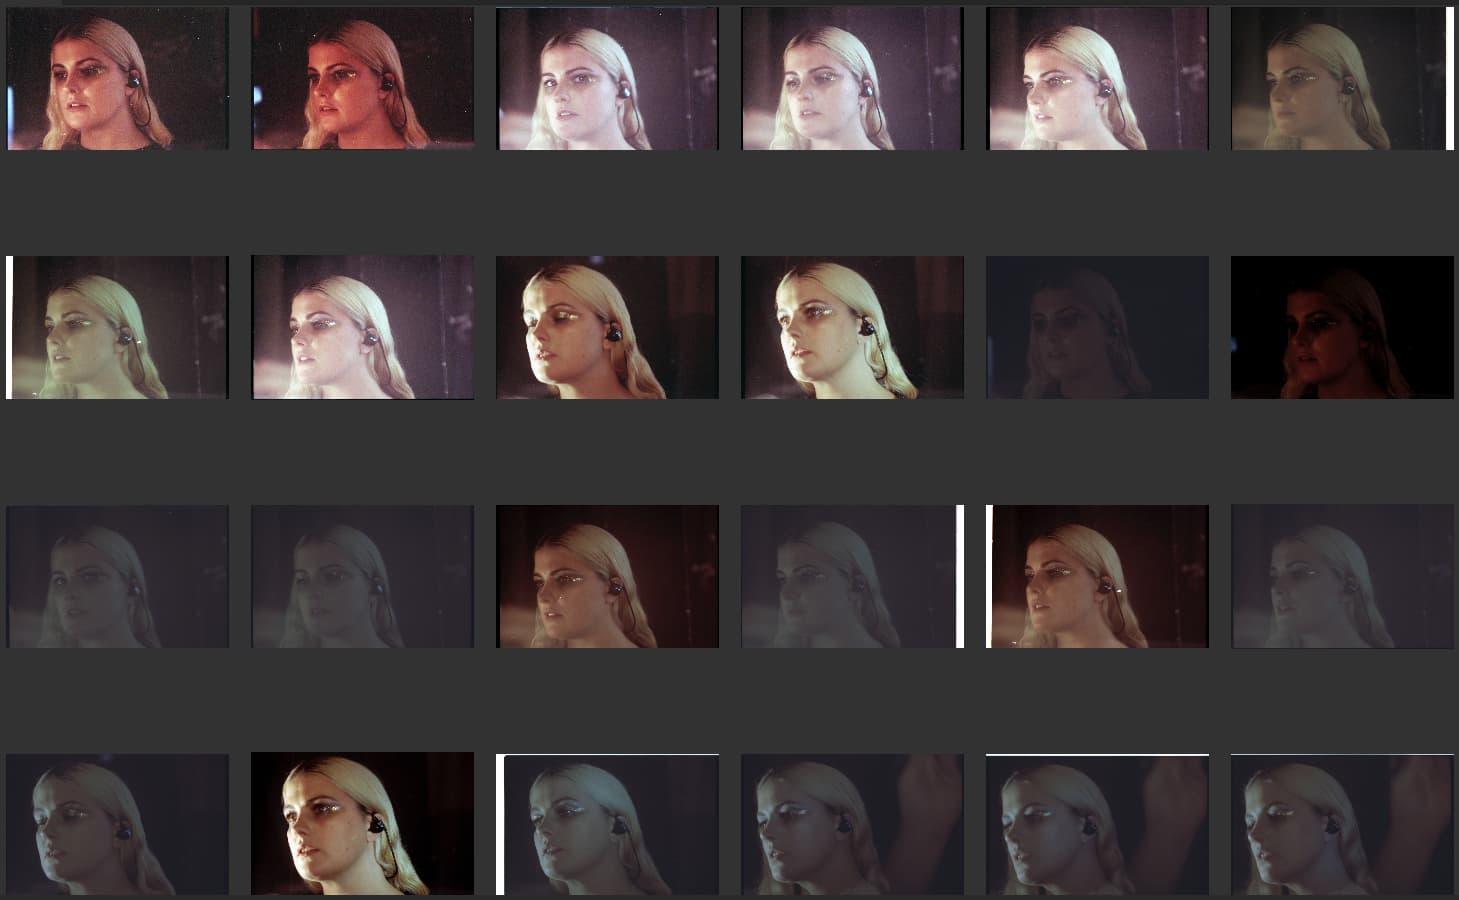 Various versions of Blade Runner red eyes